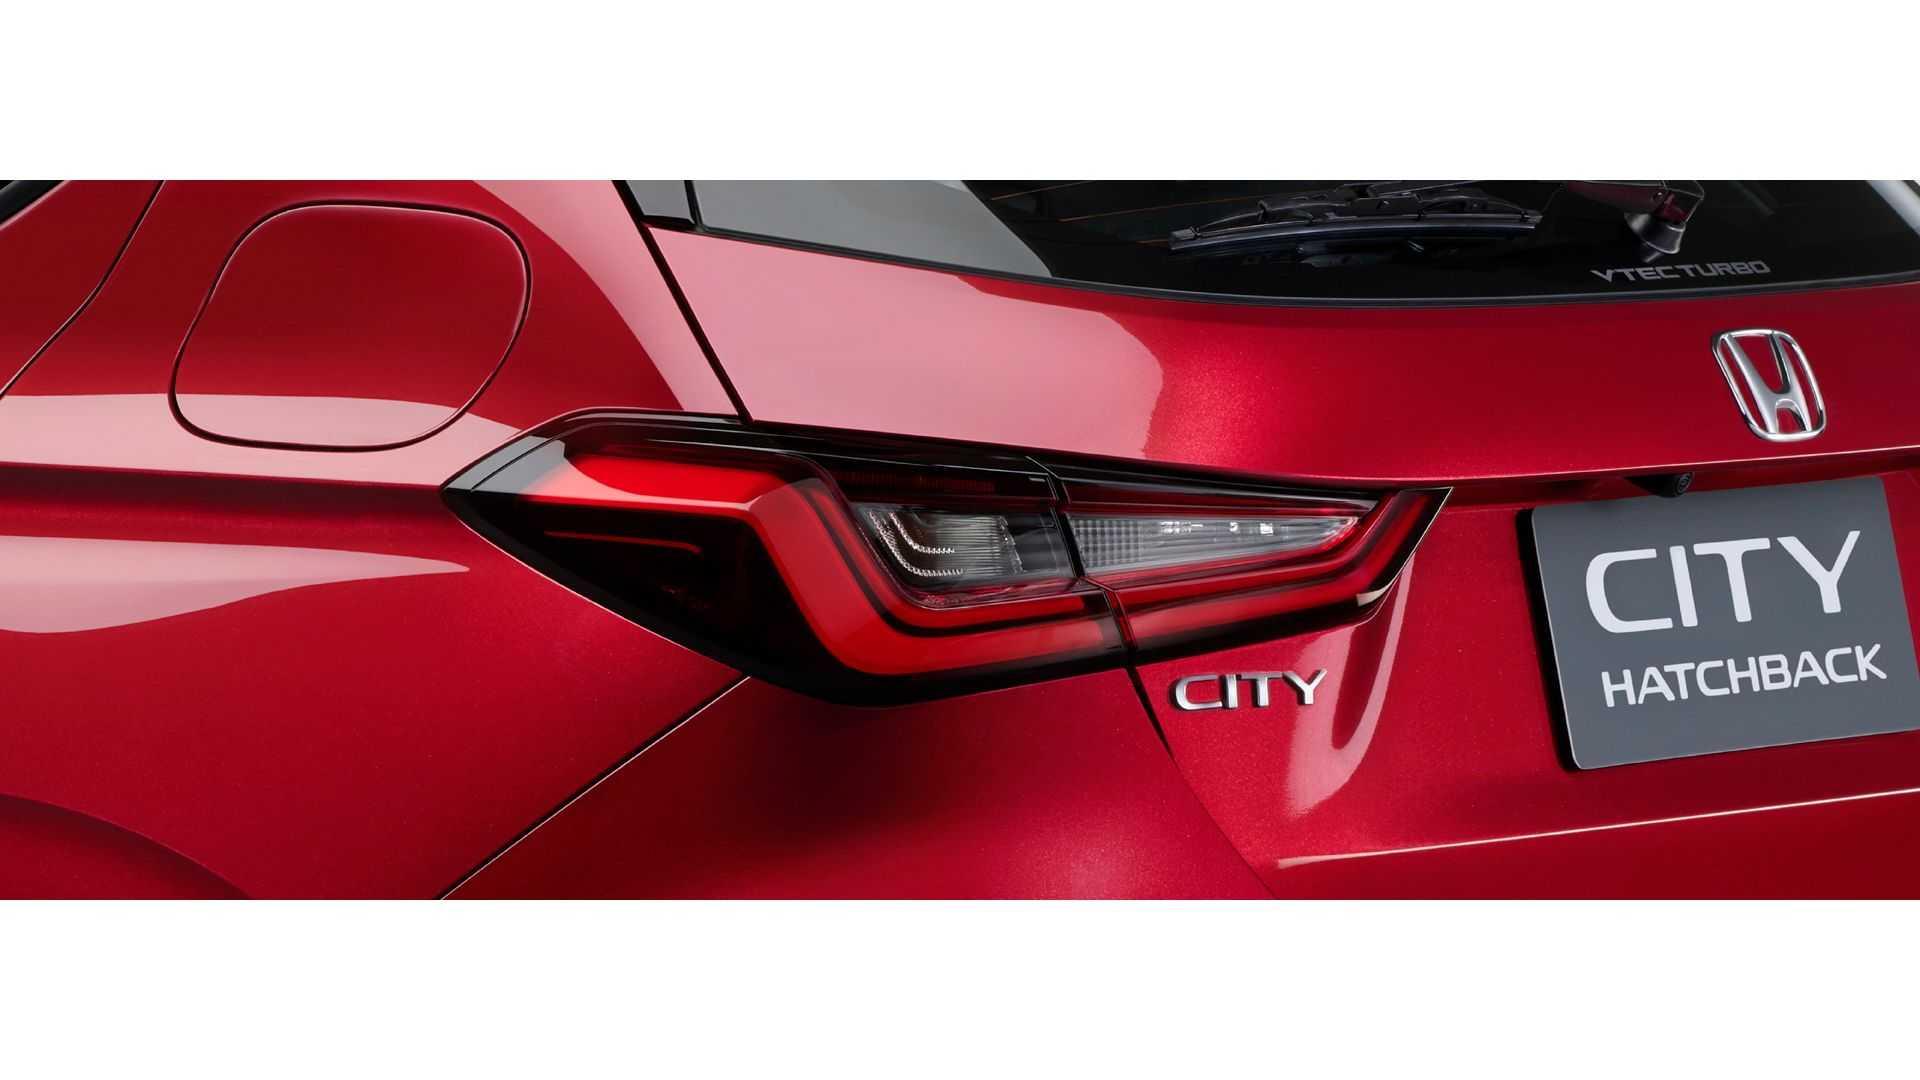 Honda-City-Hatchback-2021-11